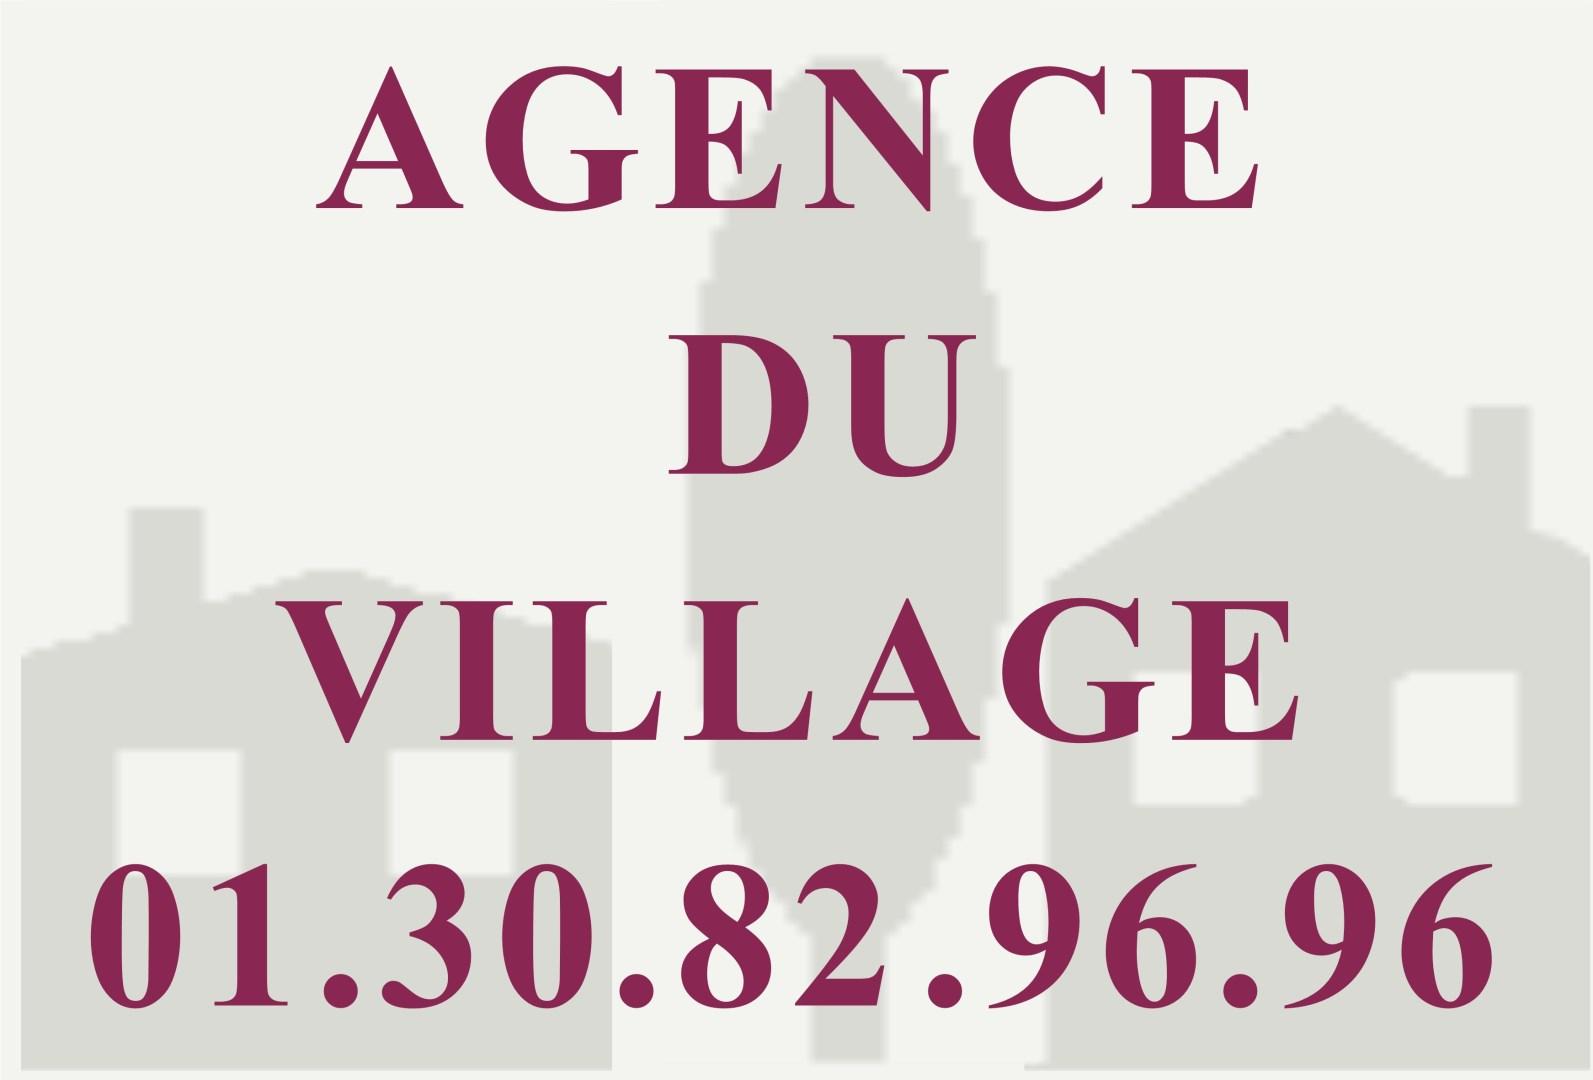 ICRP Agence du Village